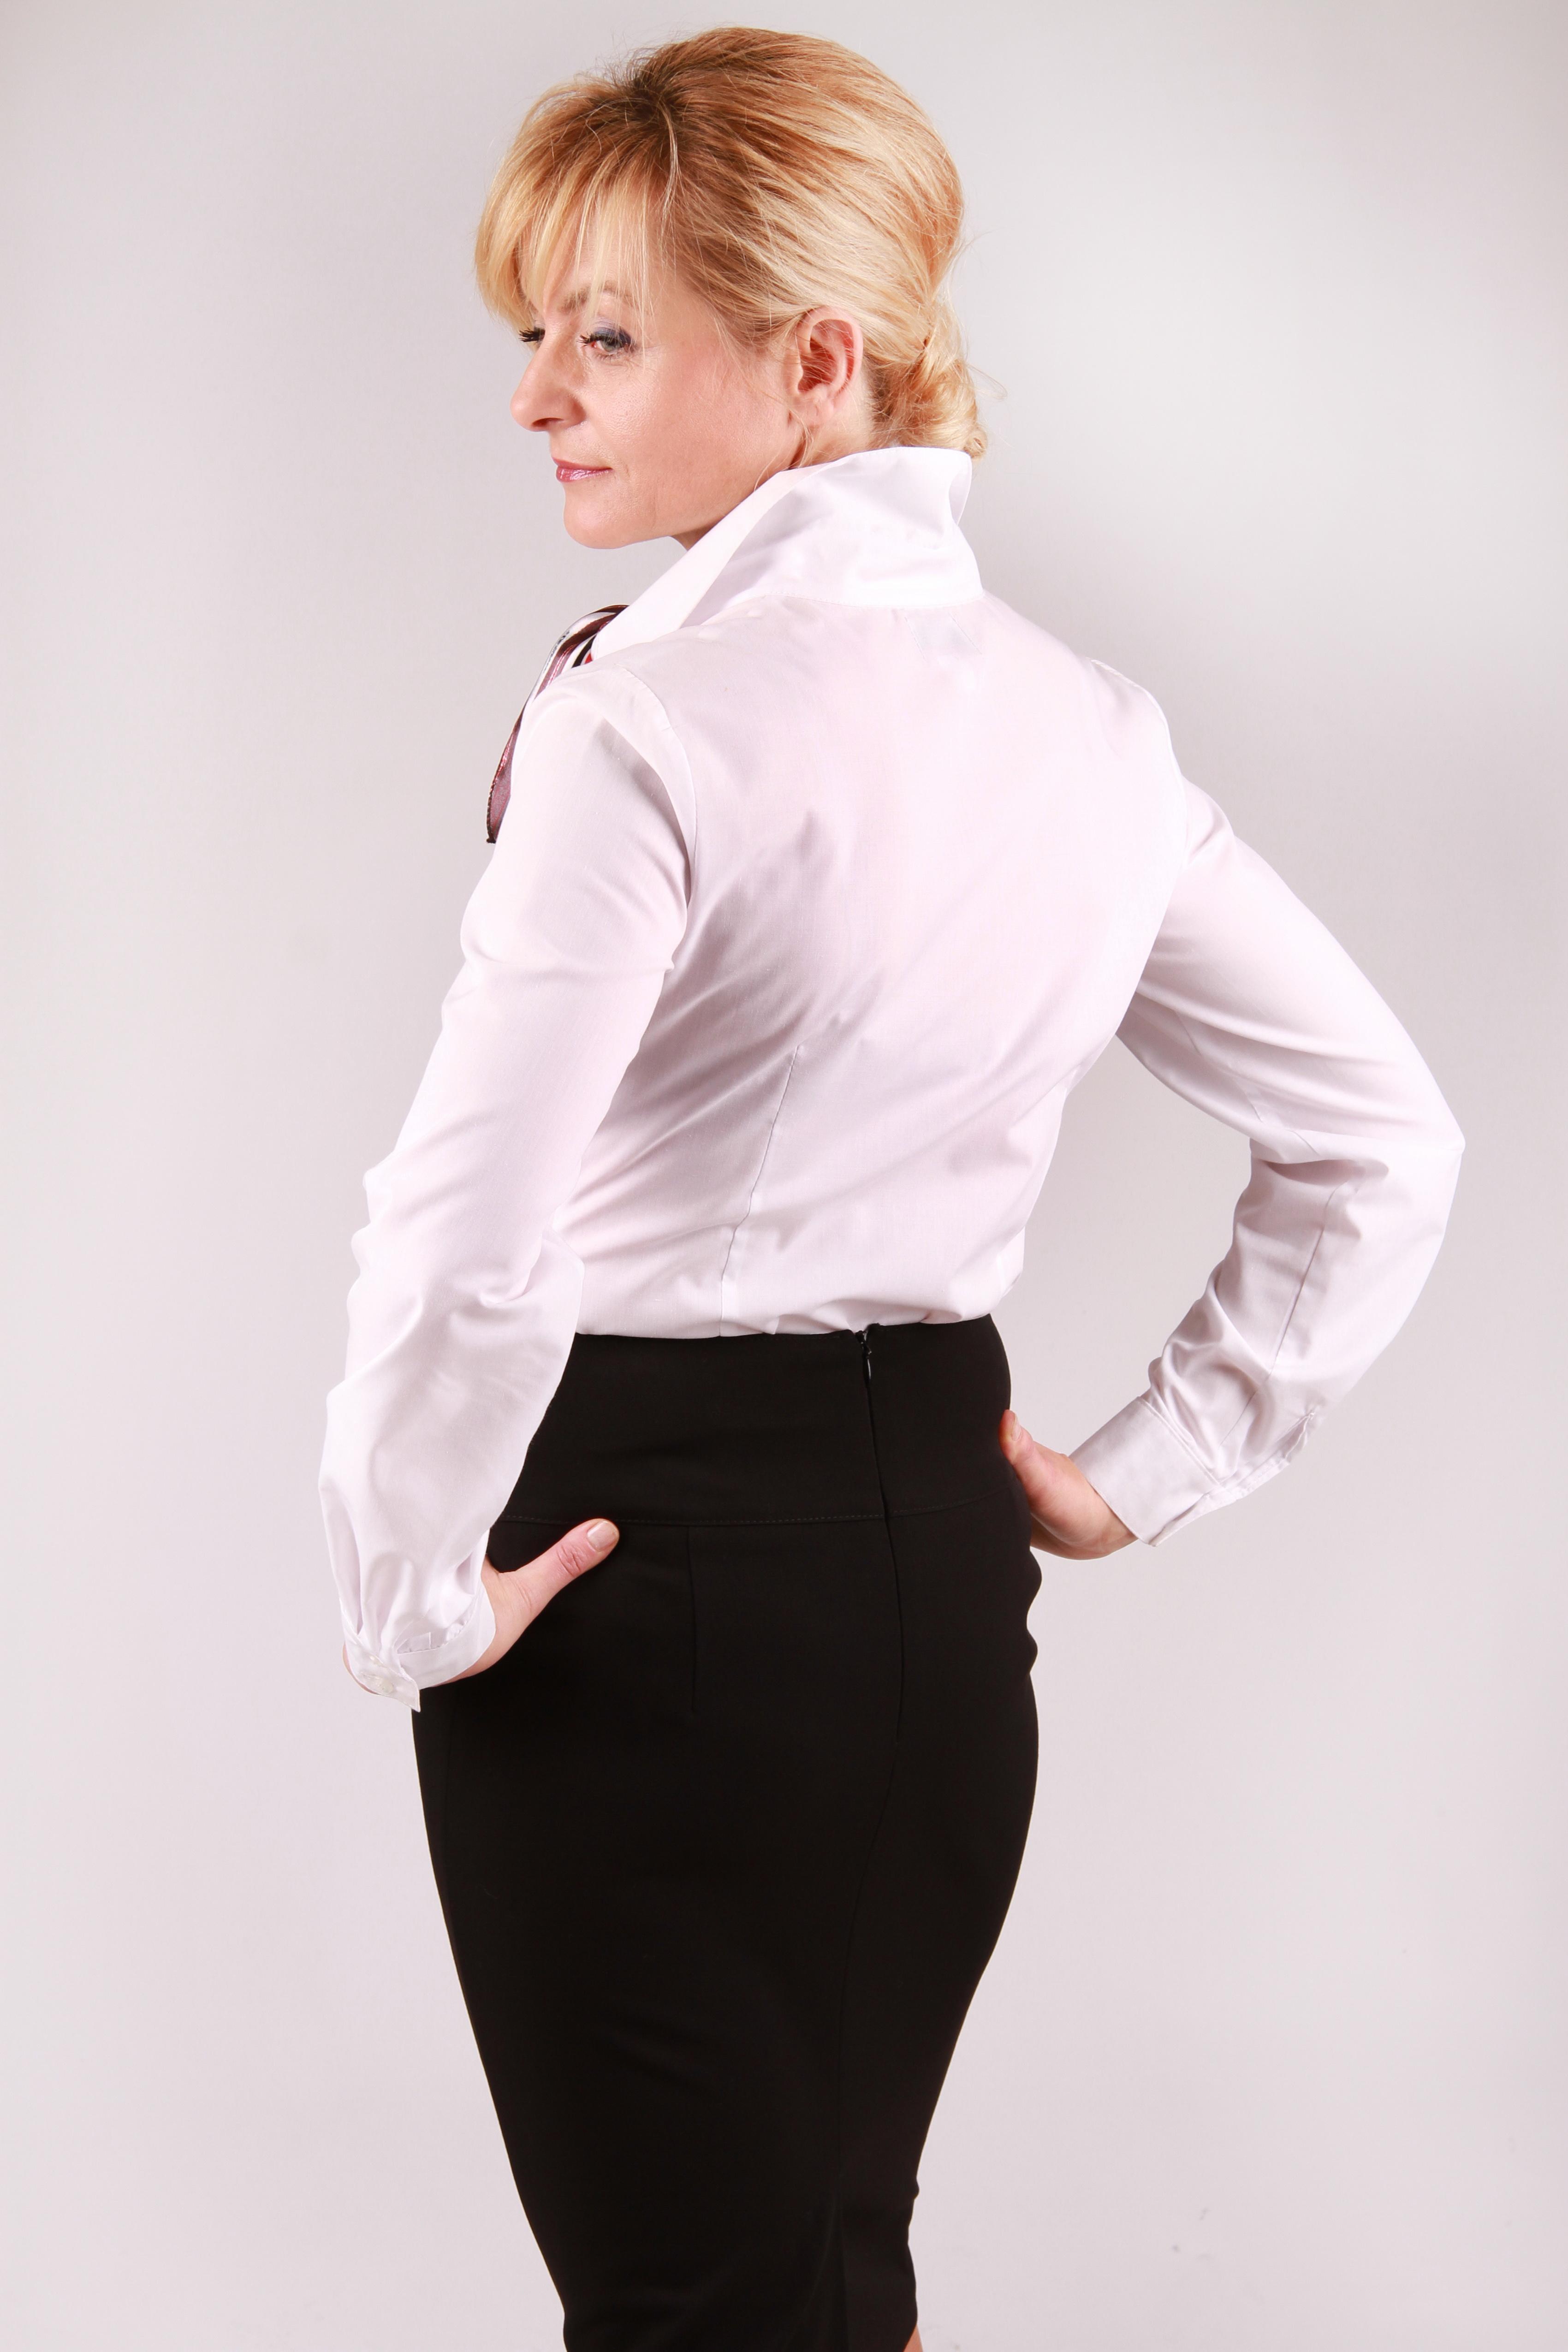 Ubranie pracownicze do pracy w hotelu, na recepcji czy w biurze.